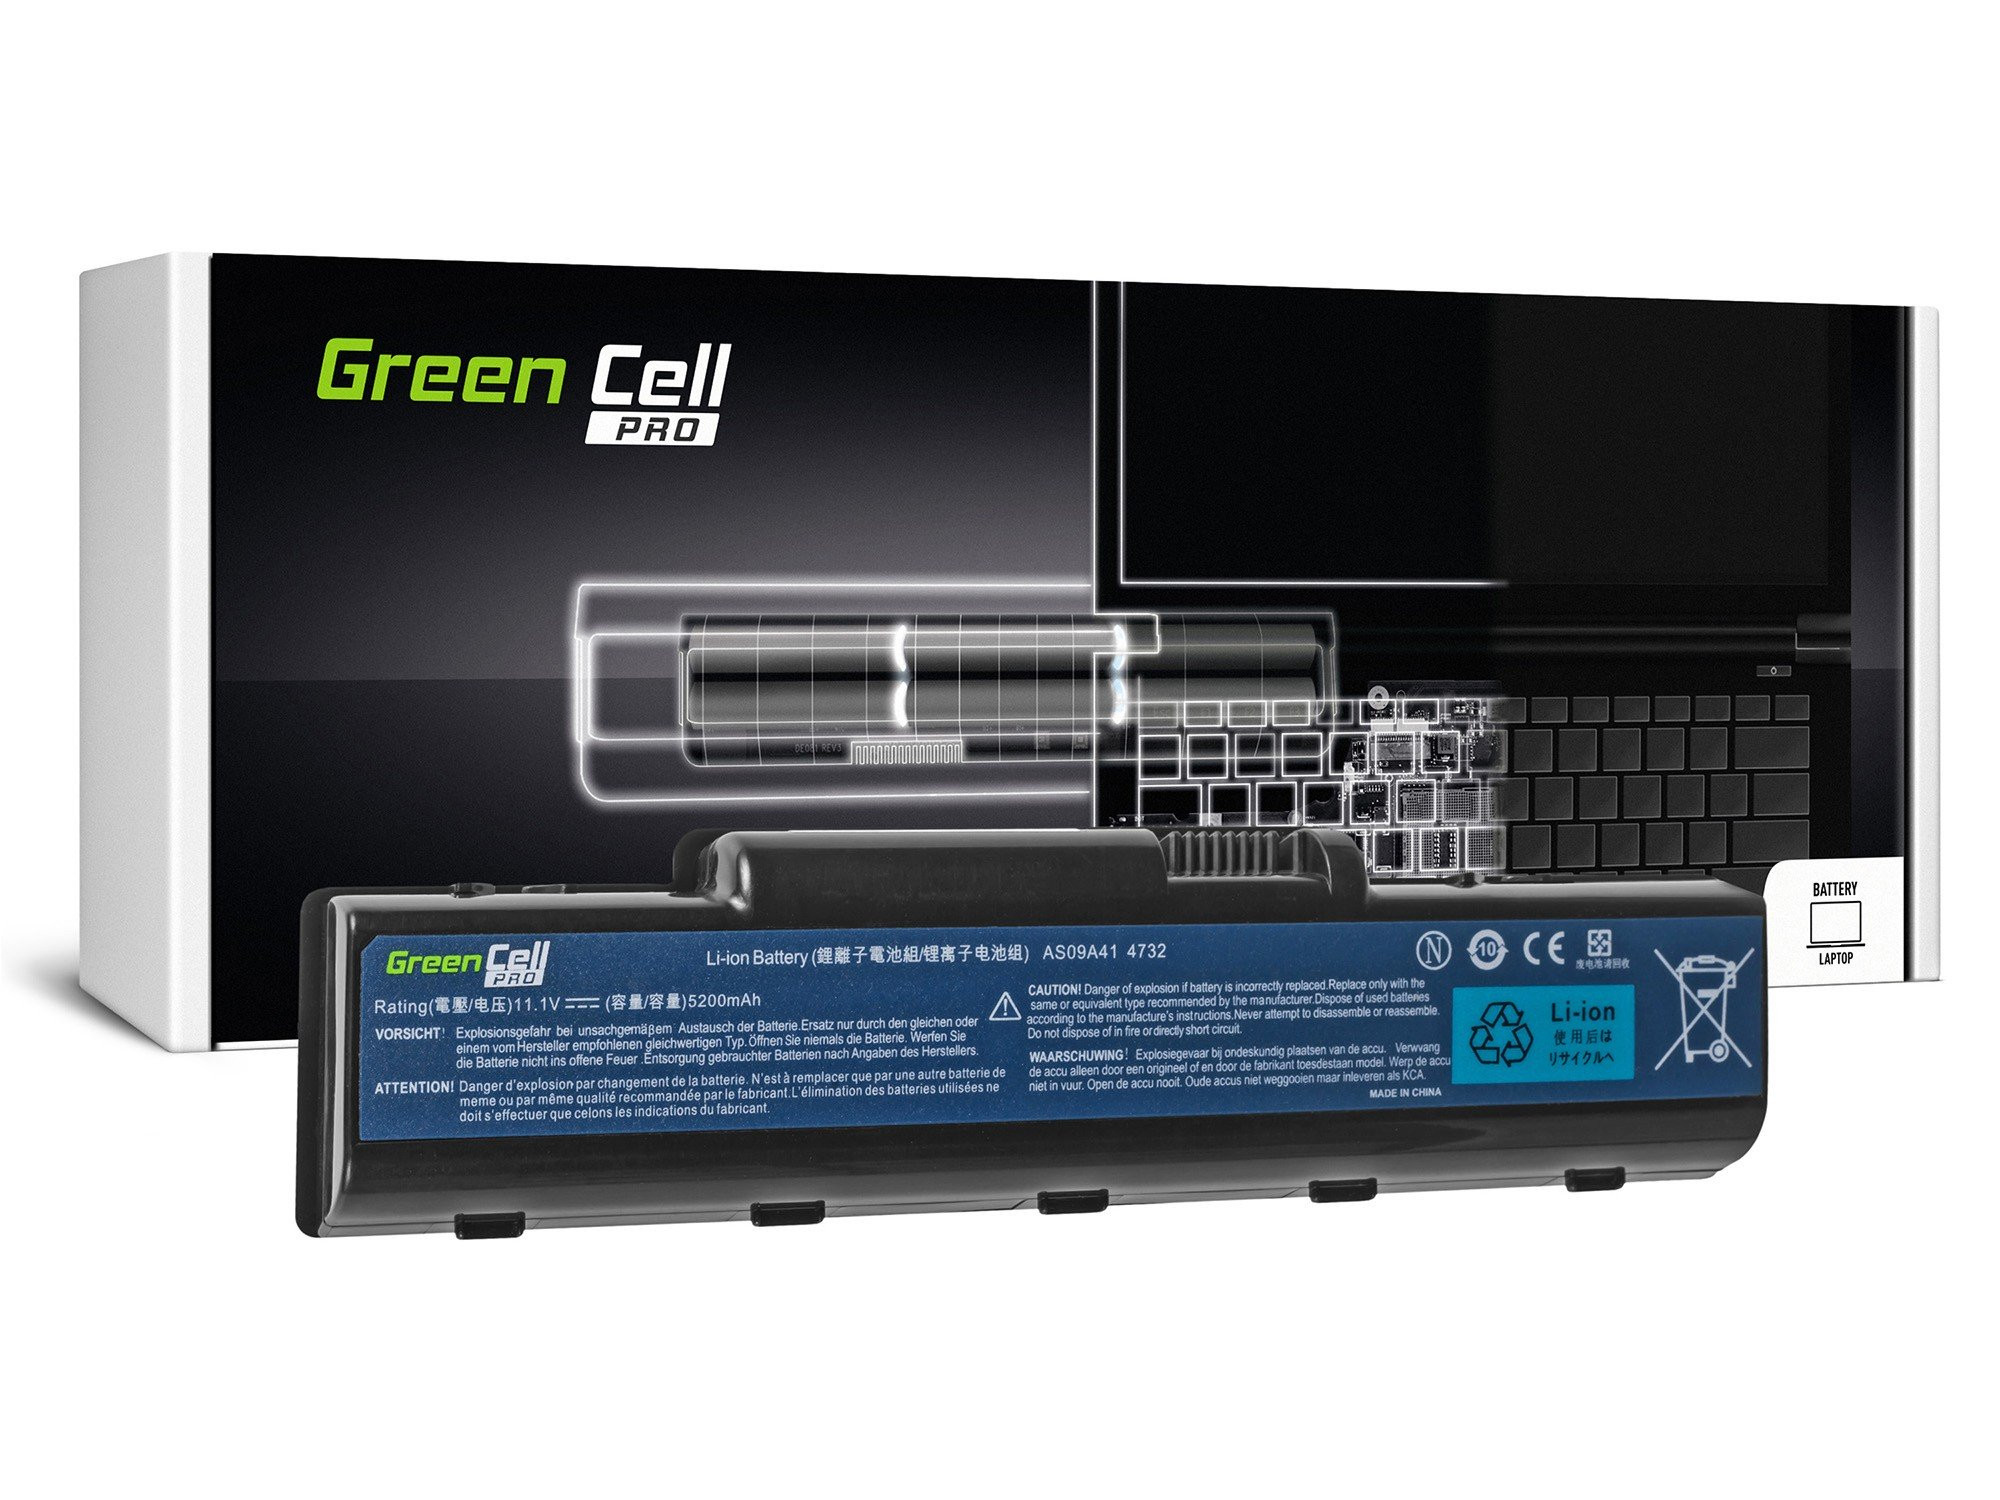 Green Cell AC21PRO Baterie Acer Aspire 4732Z/5732Z/5532/TJ65/AS09A41/AS09A31/AS09A51/MS2267 5200mAh Li-ion - neoriginální